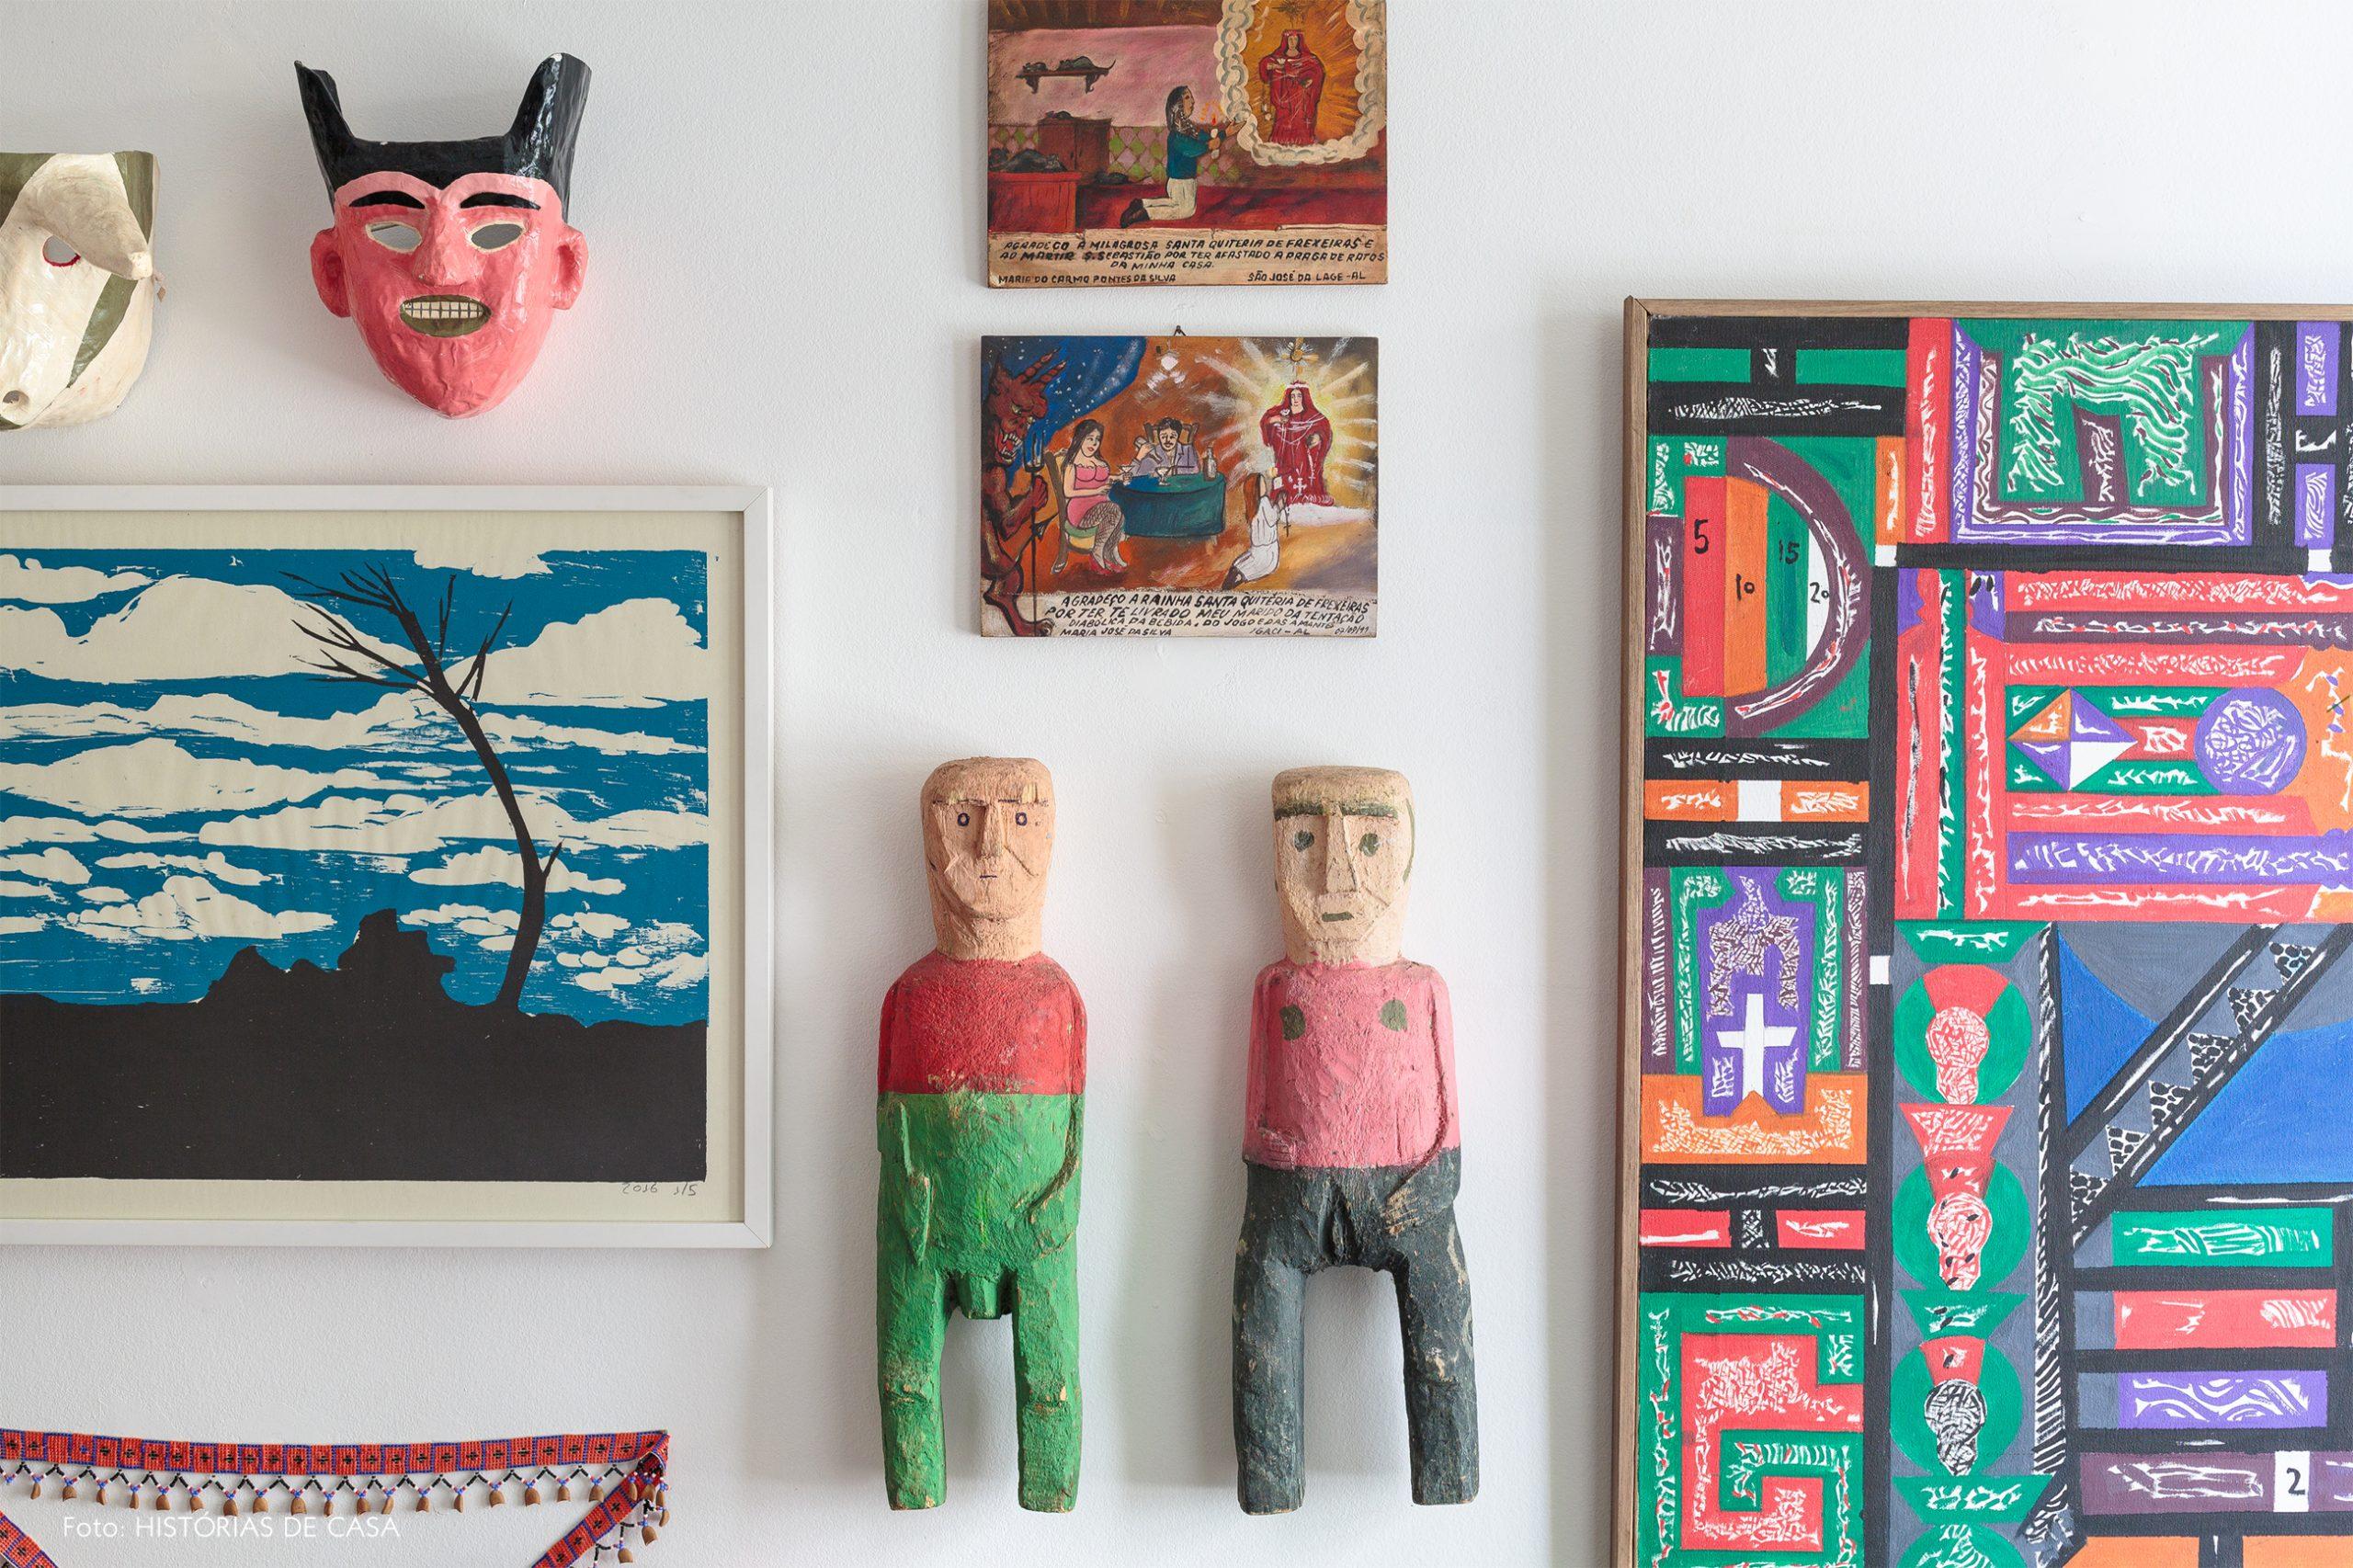 decoração objetos de madeira e quadros coloridos